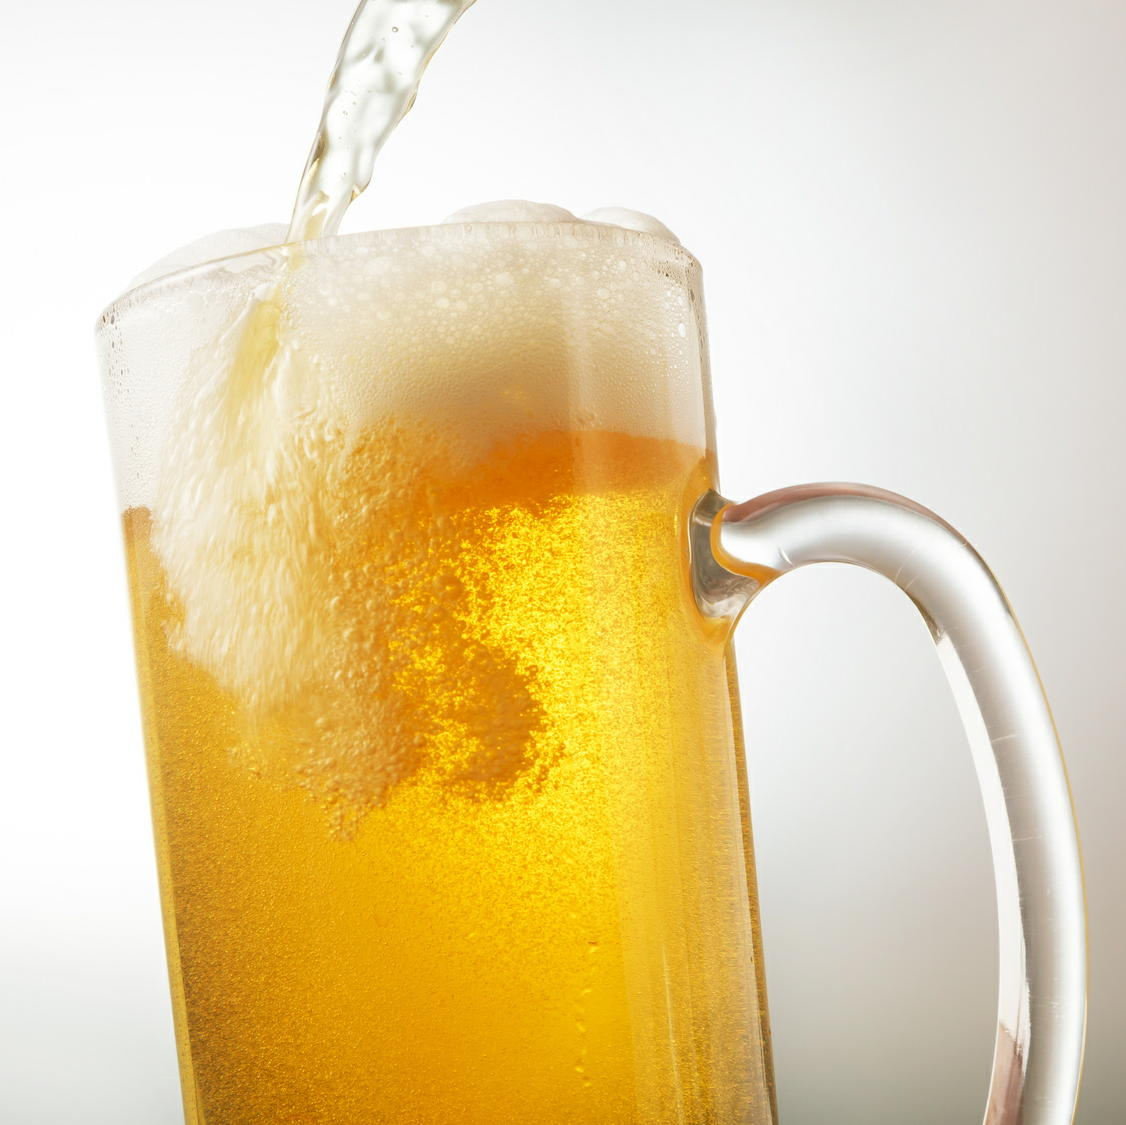 週3~4回の「飲酒」が糖尿病リスクを低下 アルコールは糖尿病に良い?